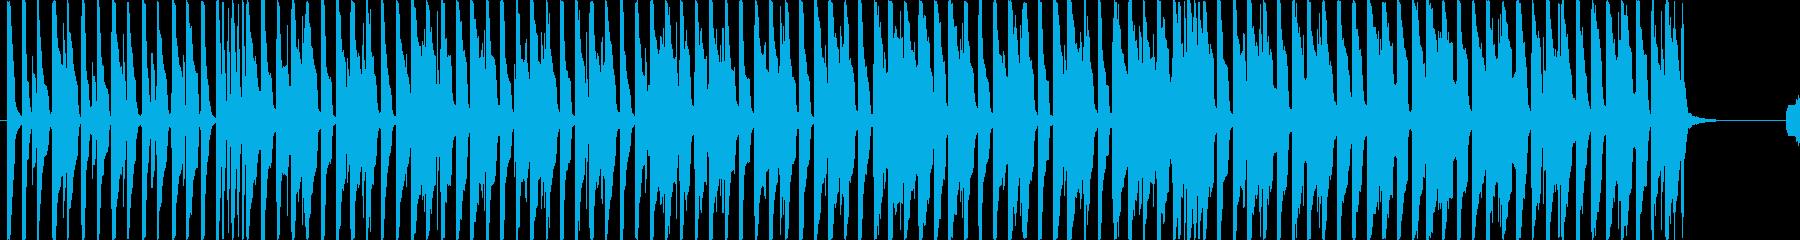 明るいポップBGM(60ver)の再生済みの波形